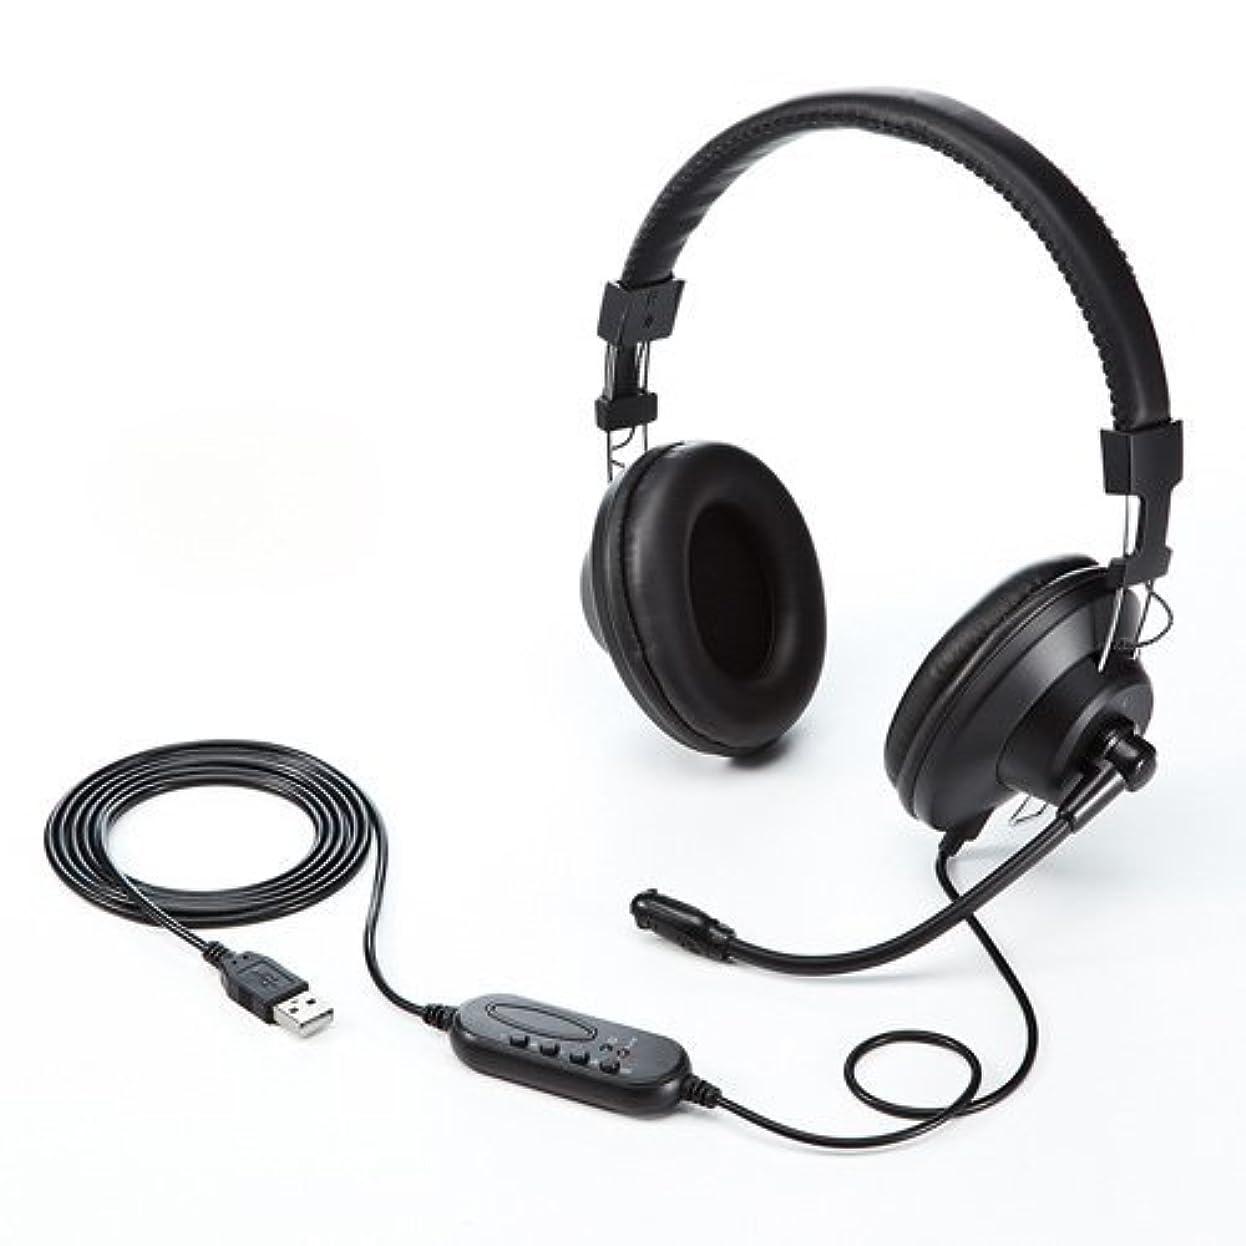 暖かく分ハンカチサンワサプライ USBヘッドセット/ヘッドホン ブラック MM-HSU01BK